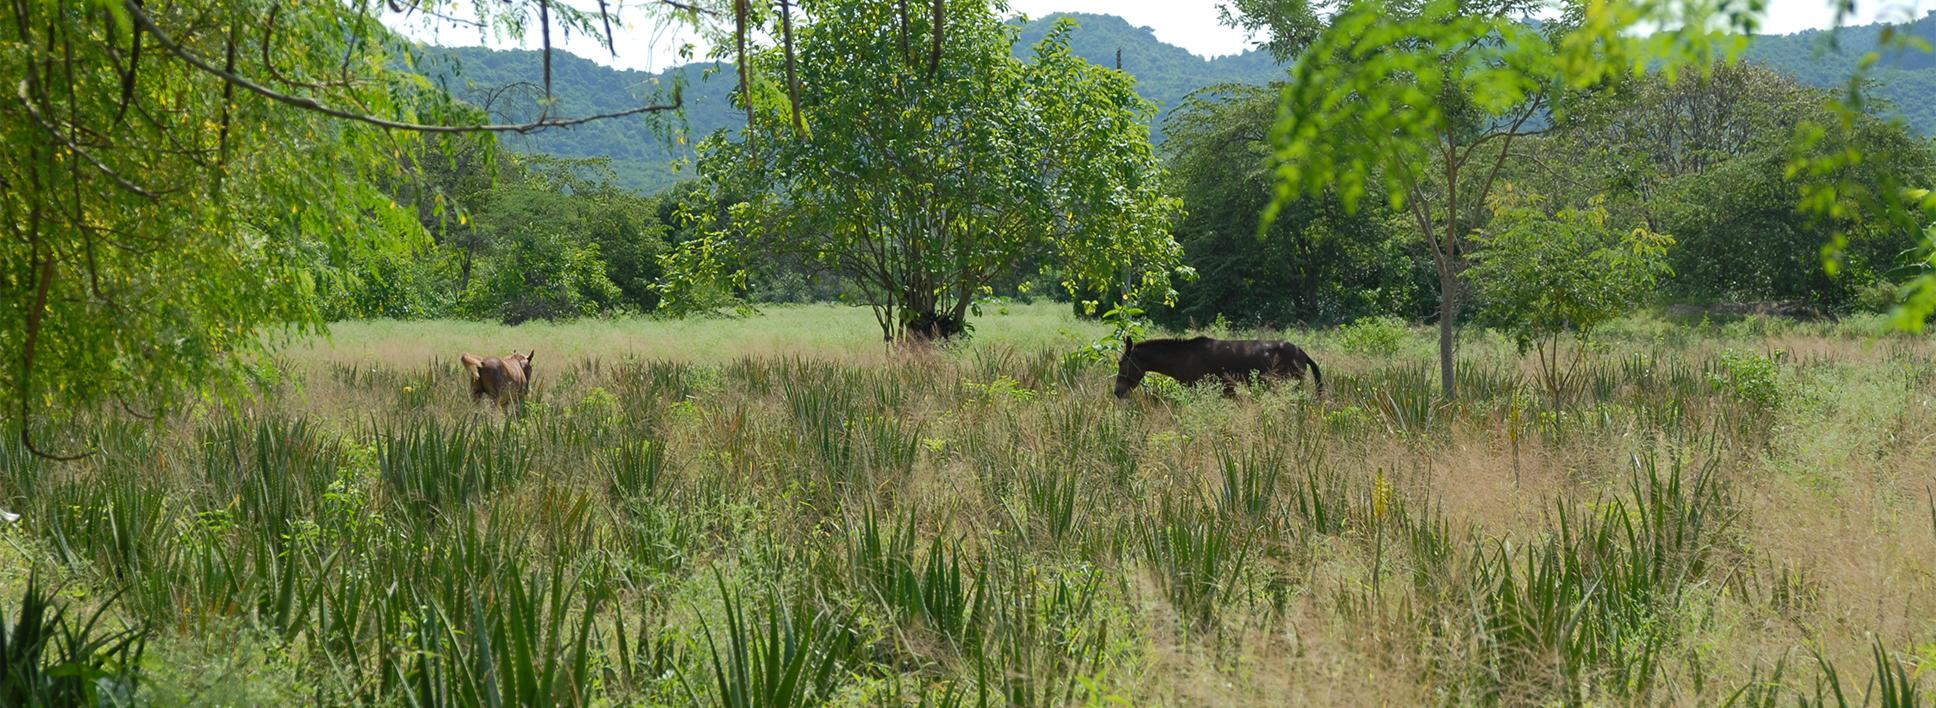 Mischkultur in Ecuador, mit Pferden im Feld.